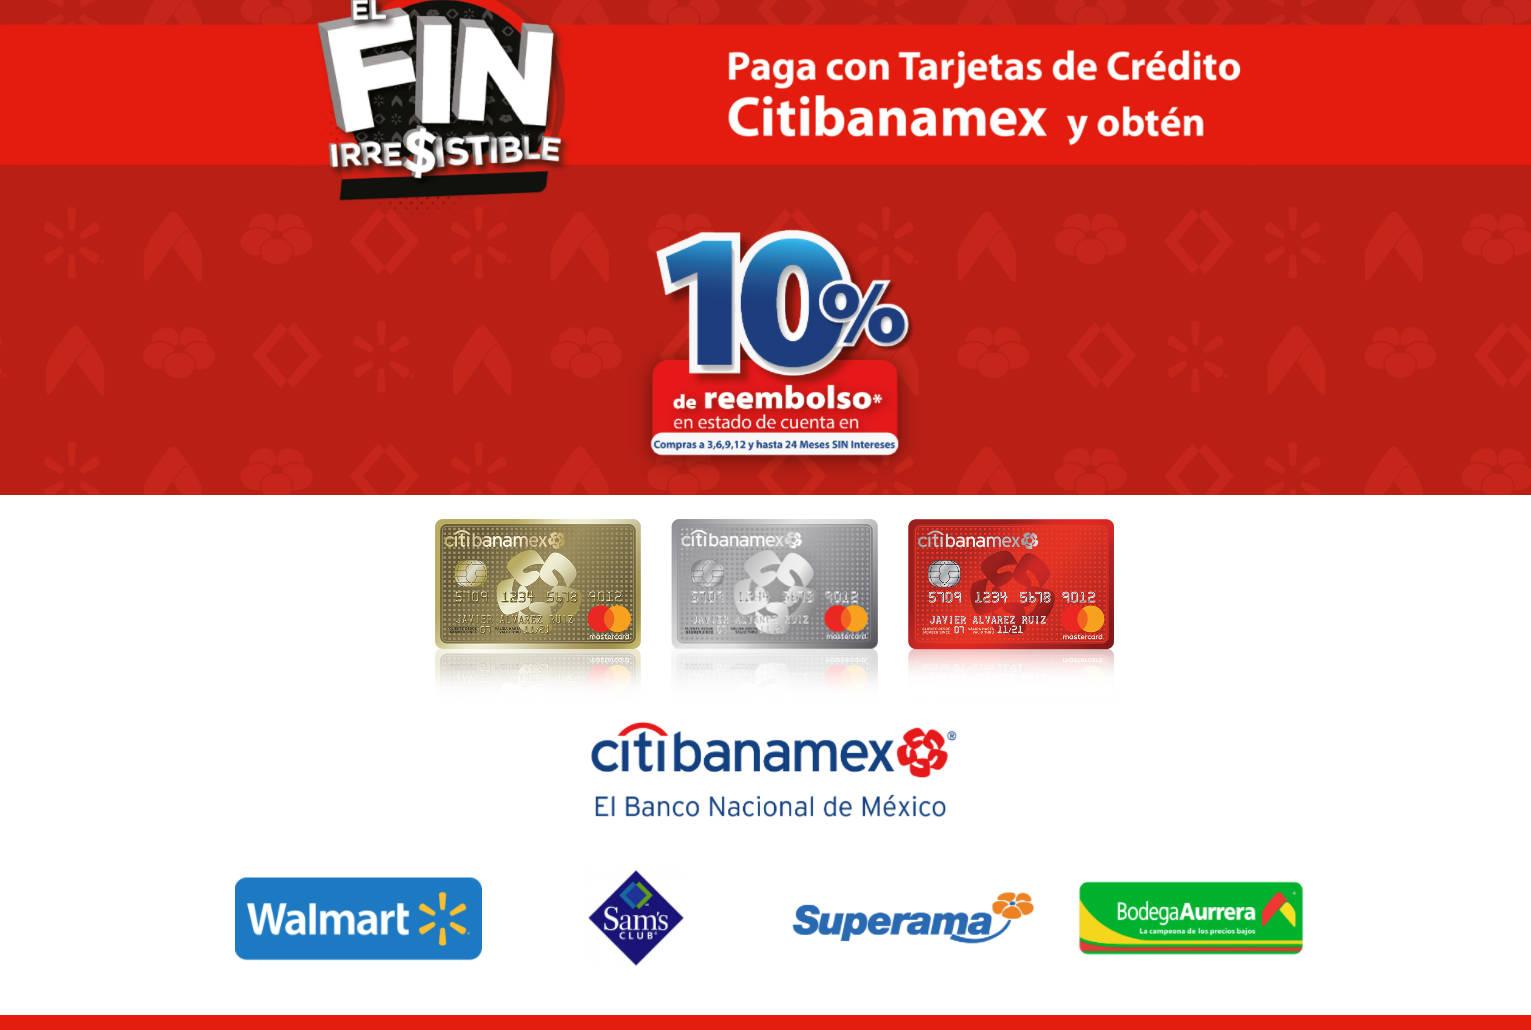 Walmart, Sams Club, Bodega Aurrera y Superama Fin Irresistible 2020: 10% de bonificación con Banamex